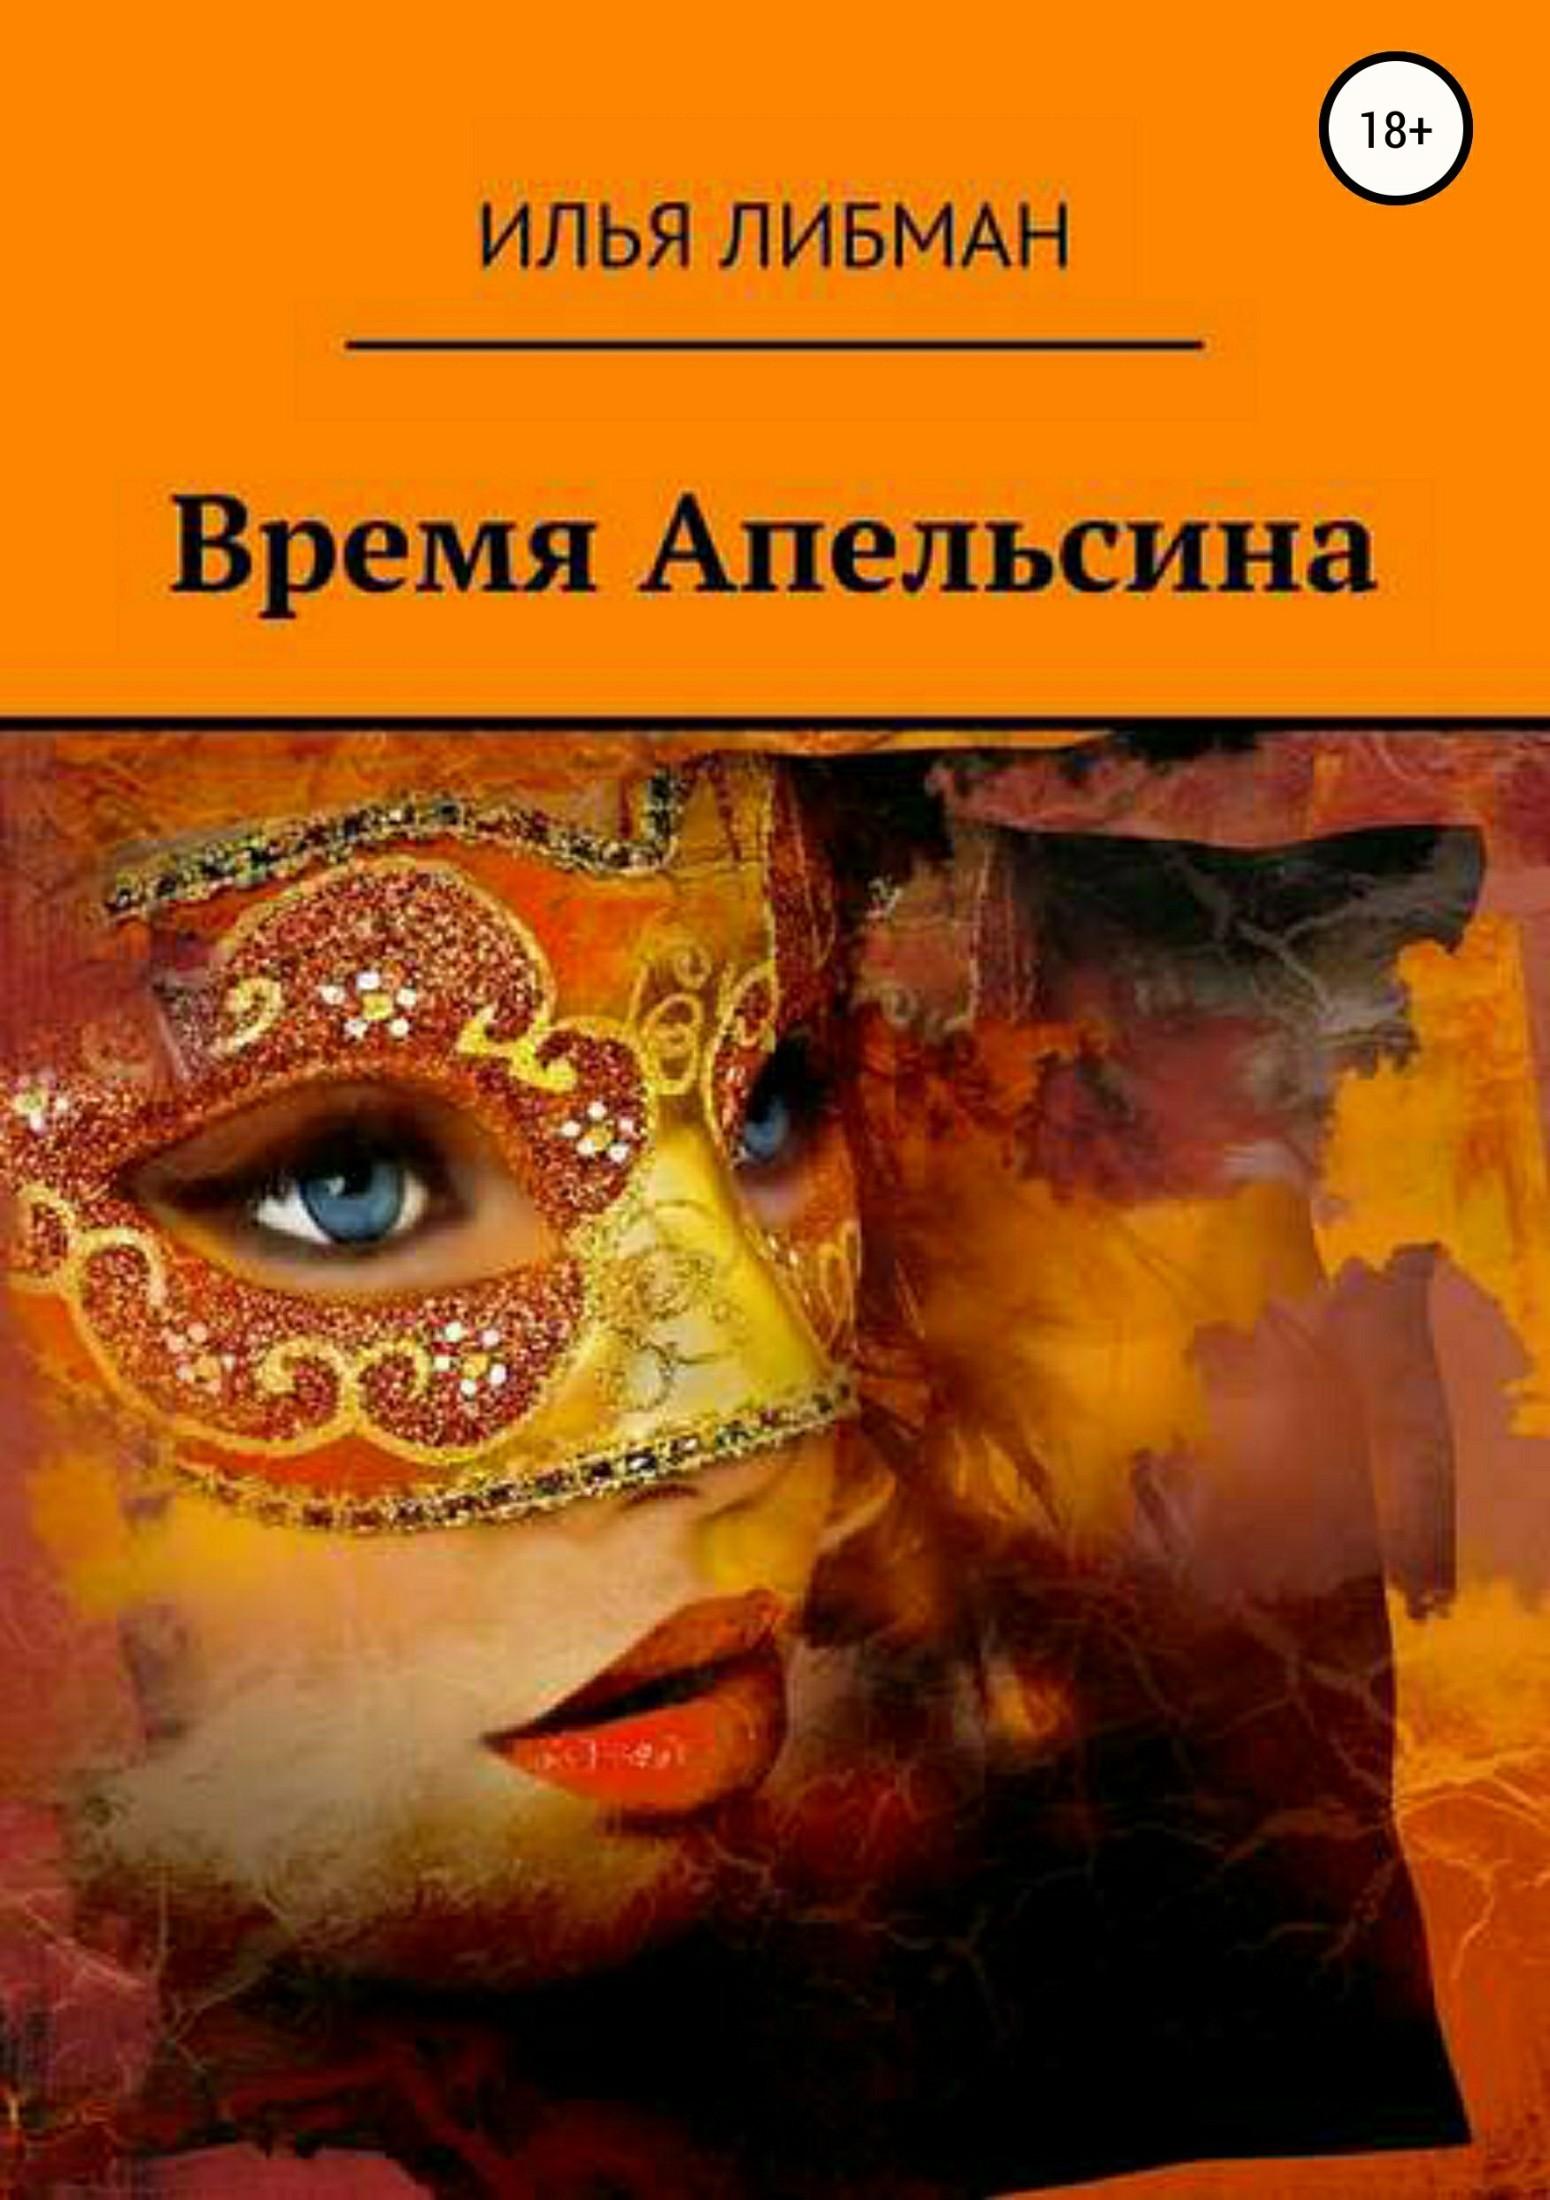 Илья Либман - Время Апельсина